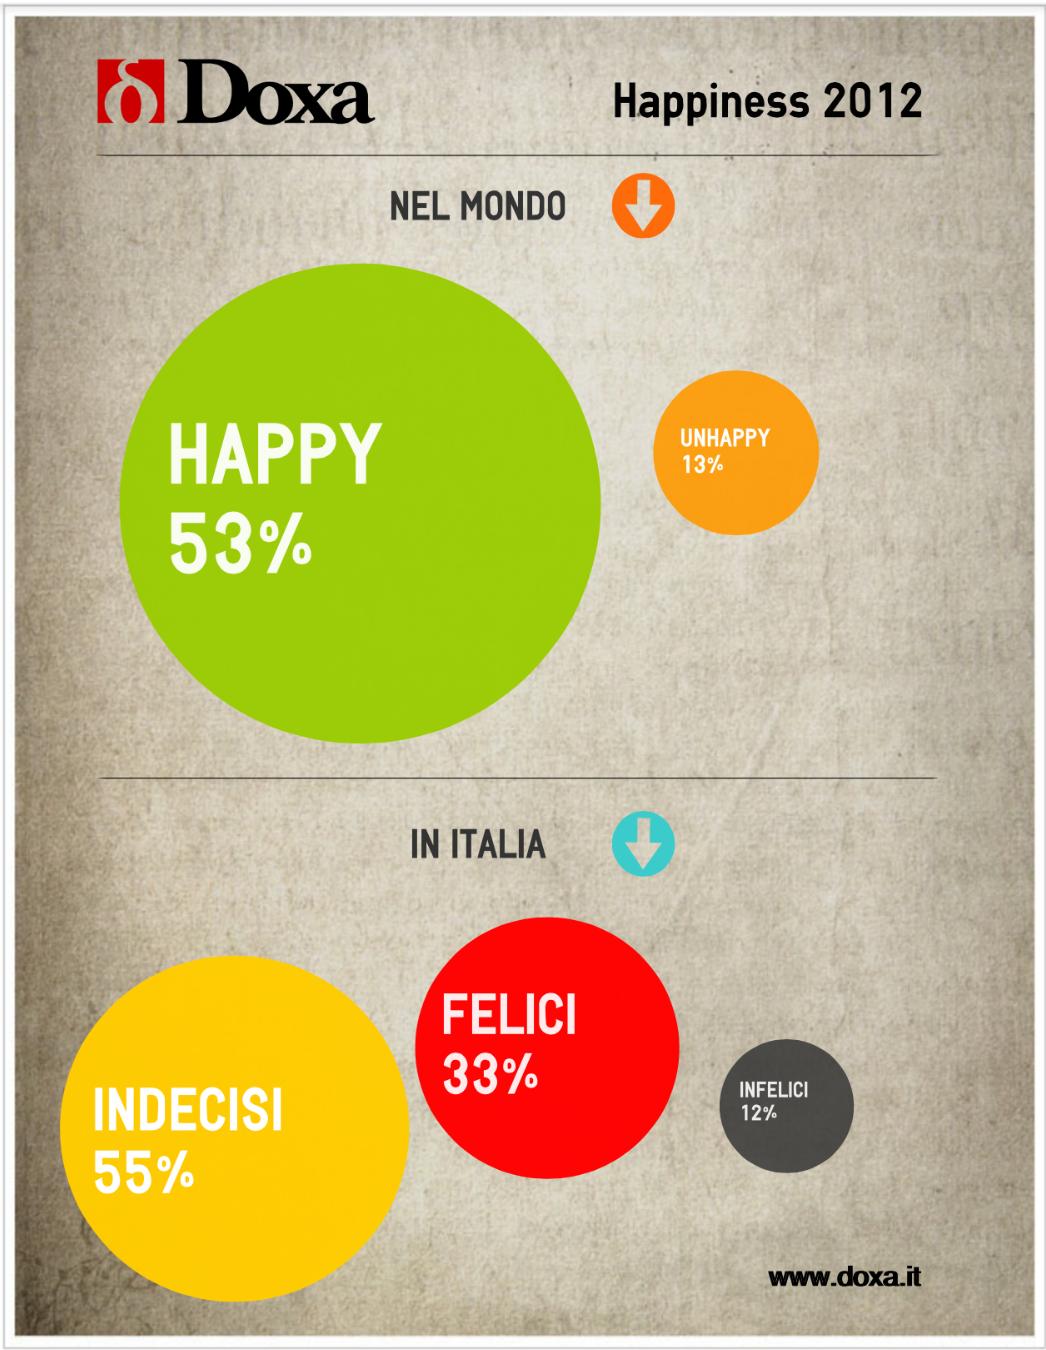 doxa happiness 2012